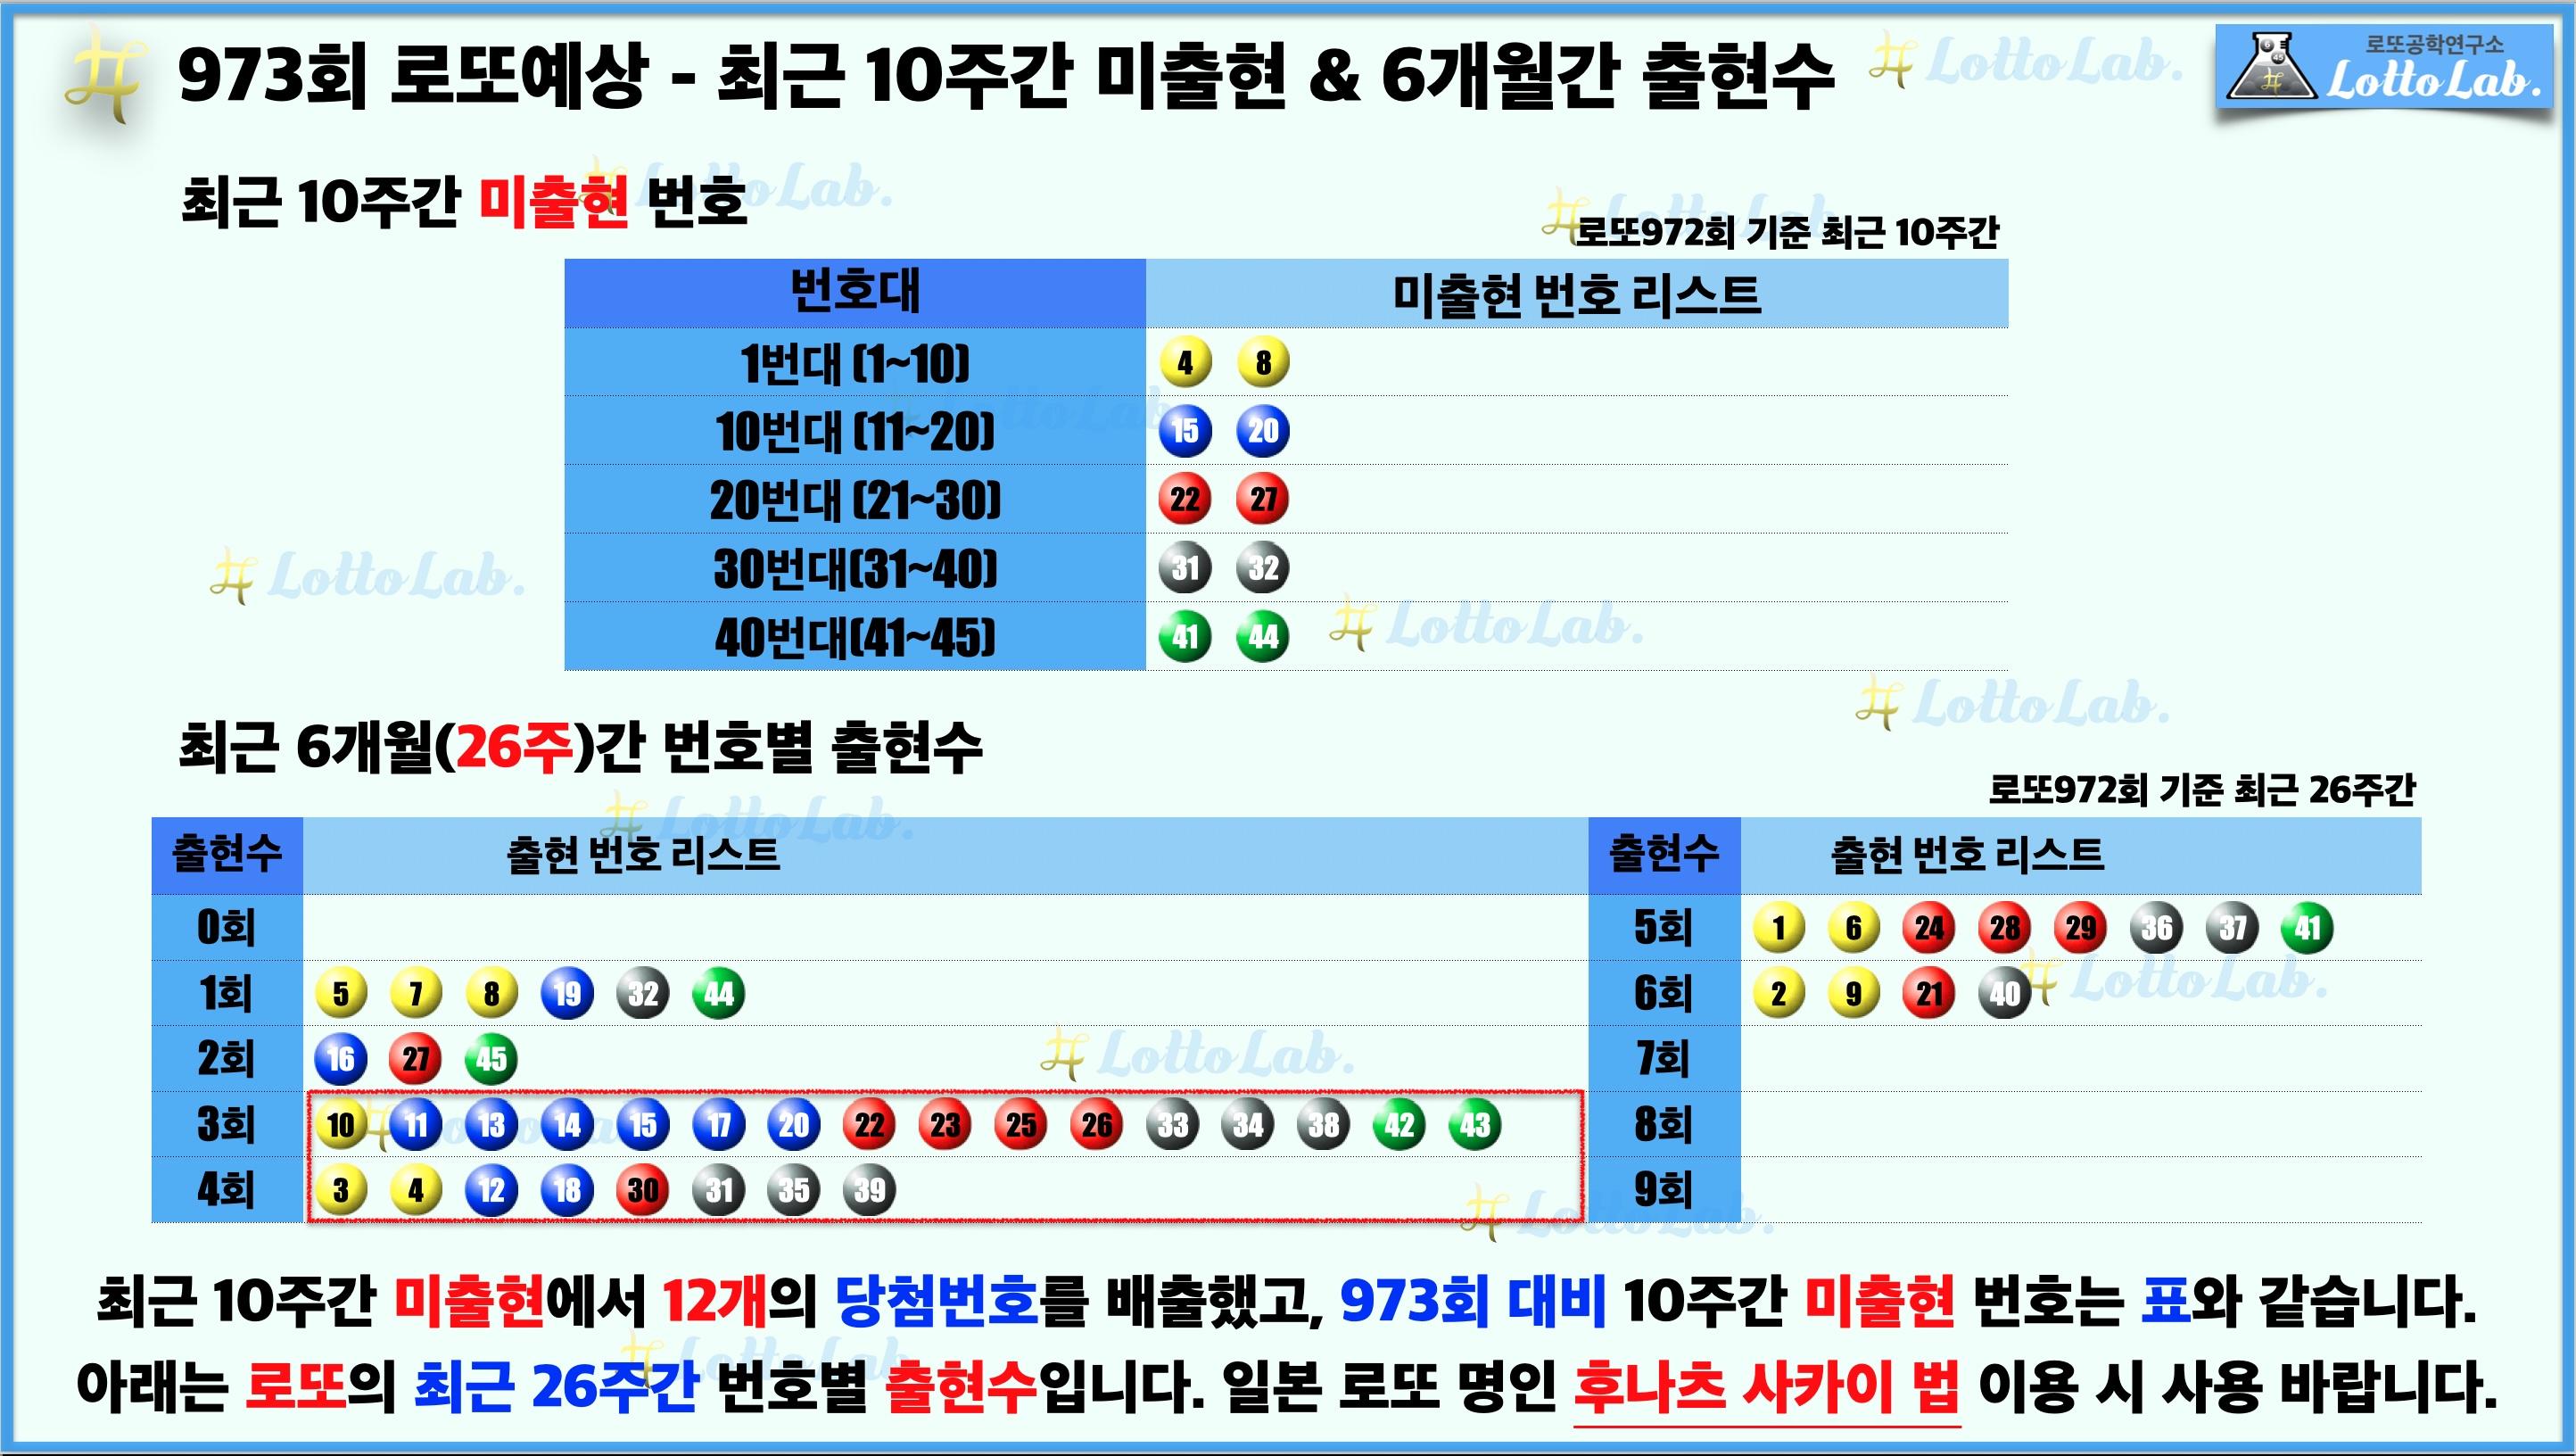 로또랩 로또973 당첨 번호 예상 미출현 출현수